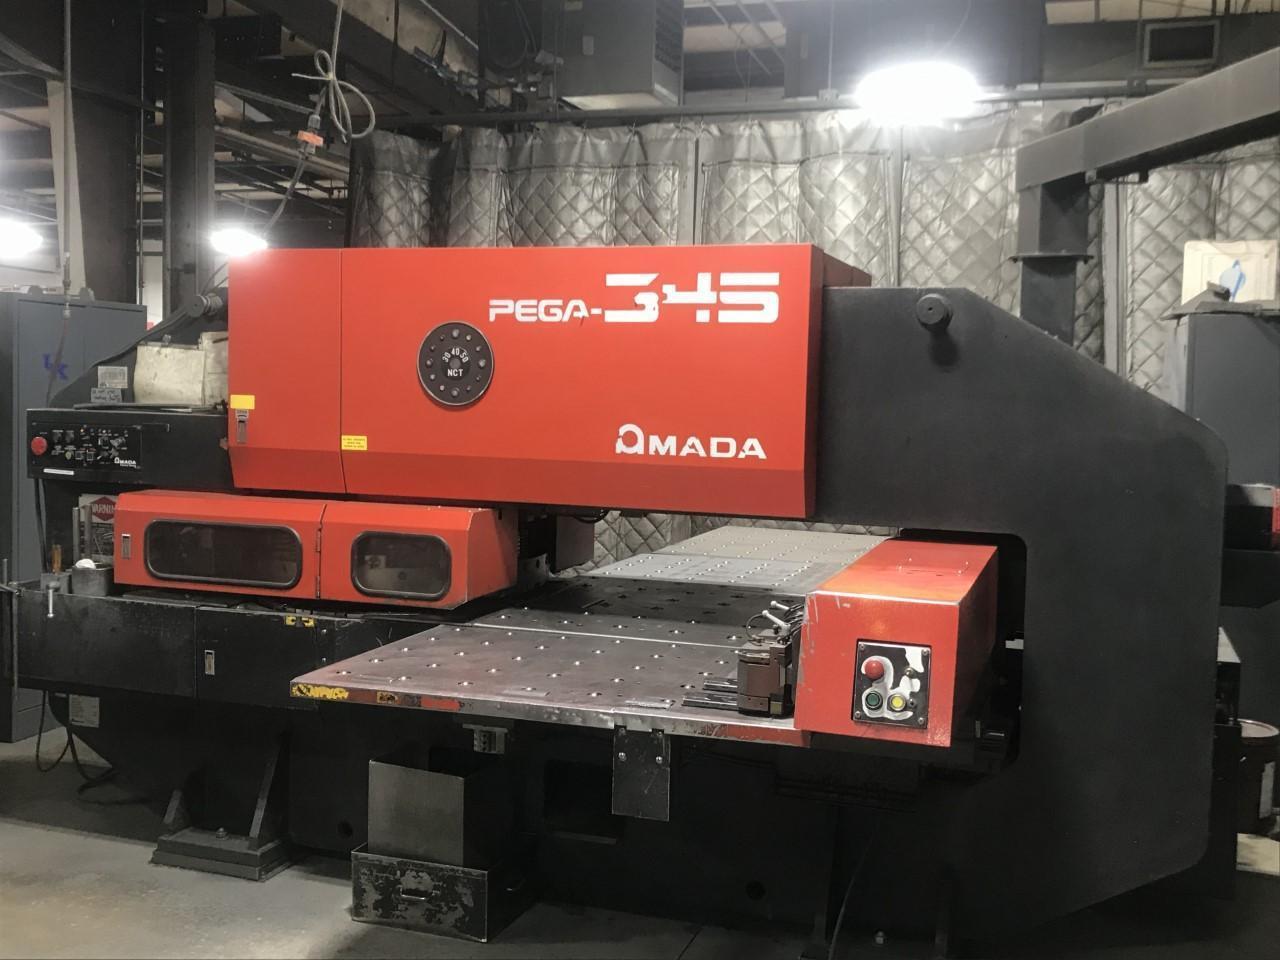 1990 Amada Pega345Q CNC Turret Punch, 33 Ton, 40